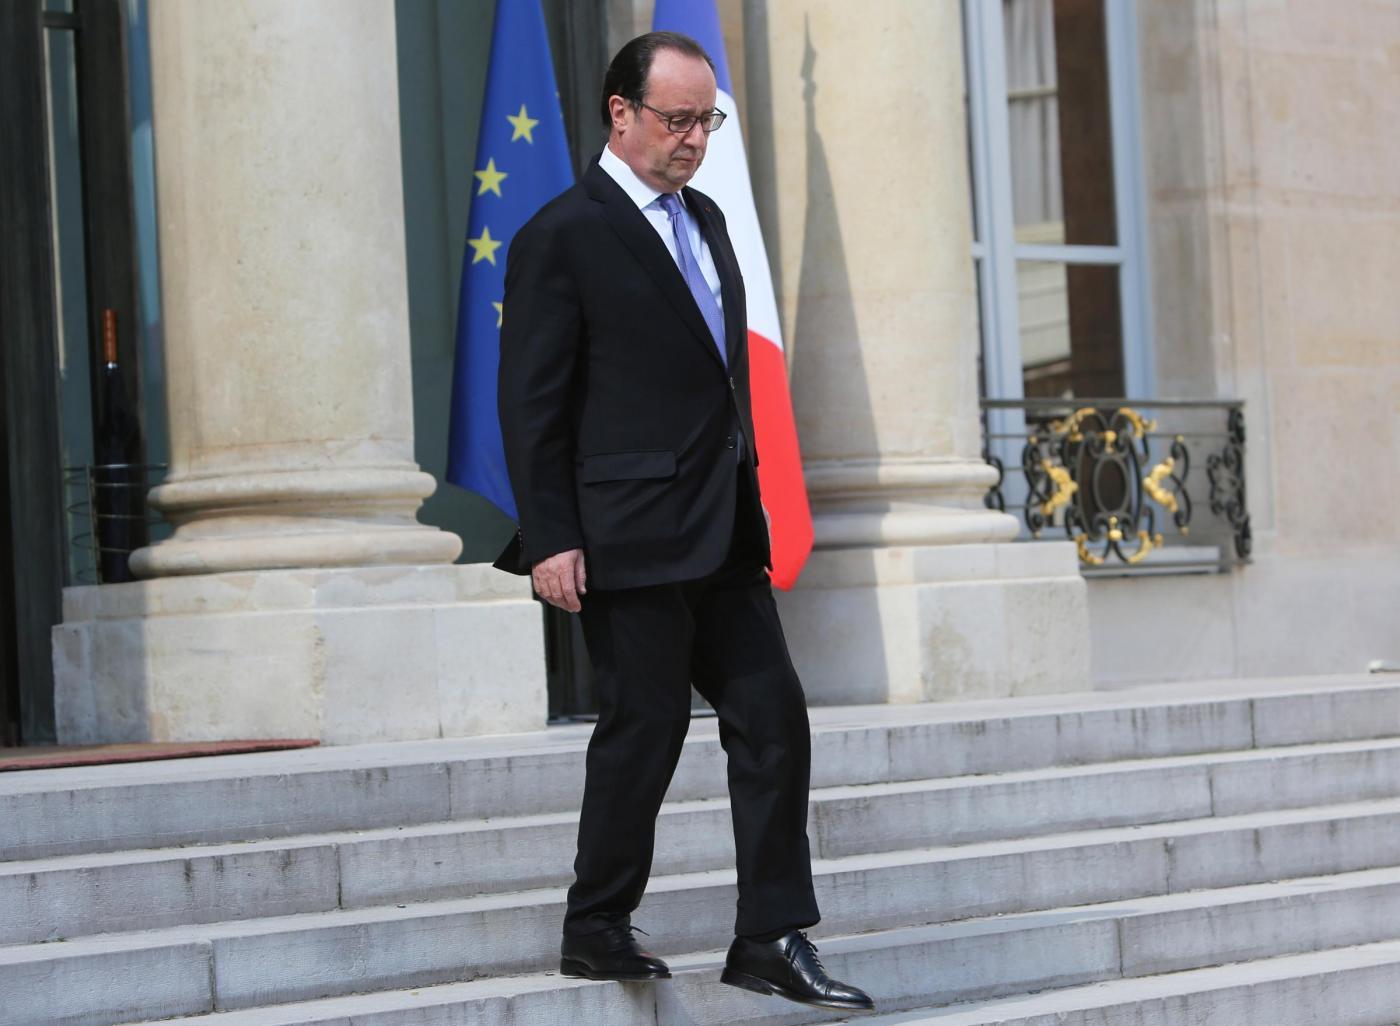 Francois Hollande lascia l'Eliseo dopo il consiglio di sicurezza straordinario per l'attacco terroristico a Nizza